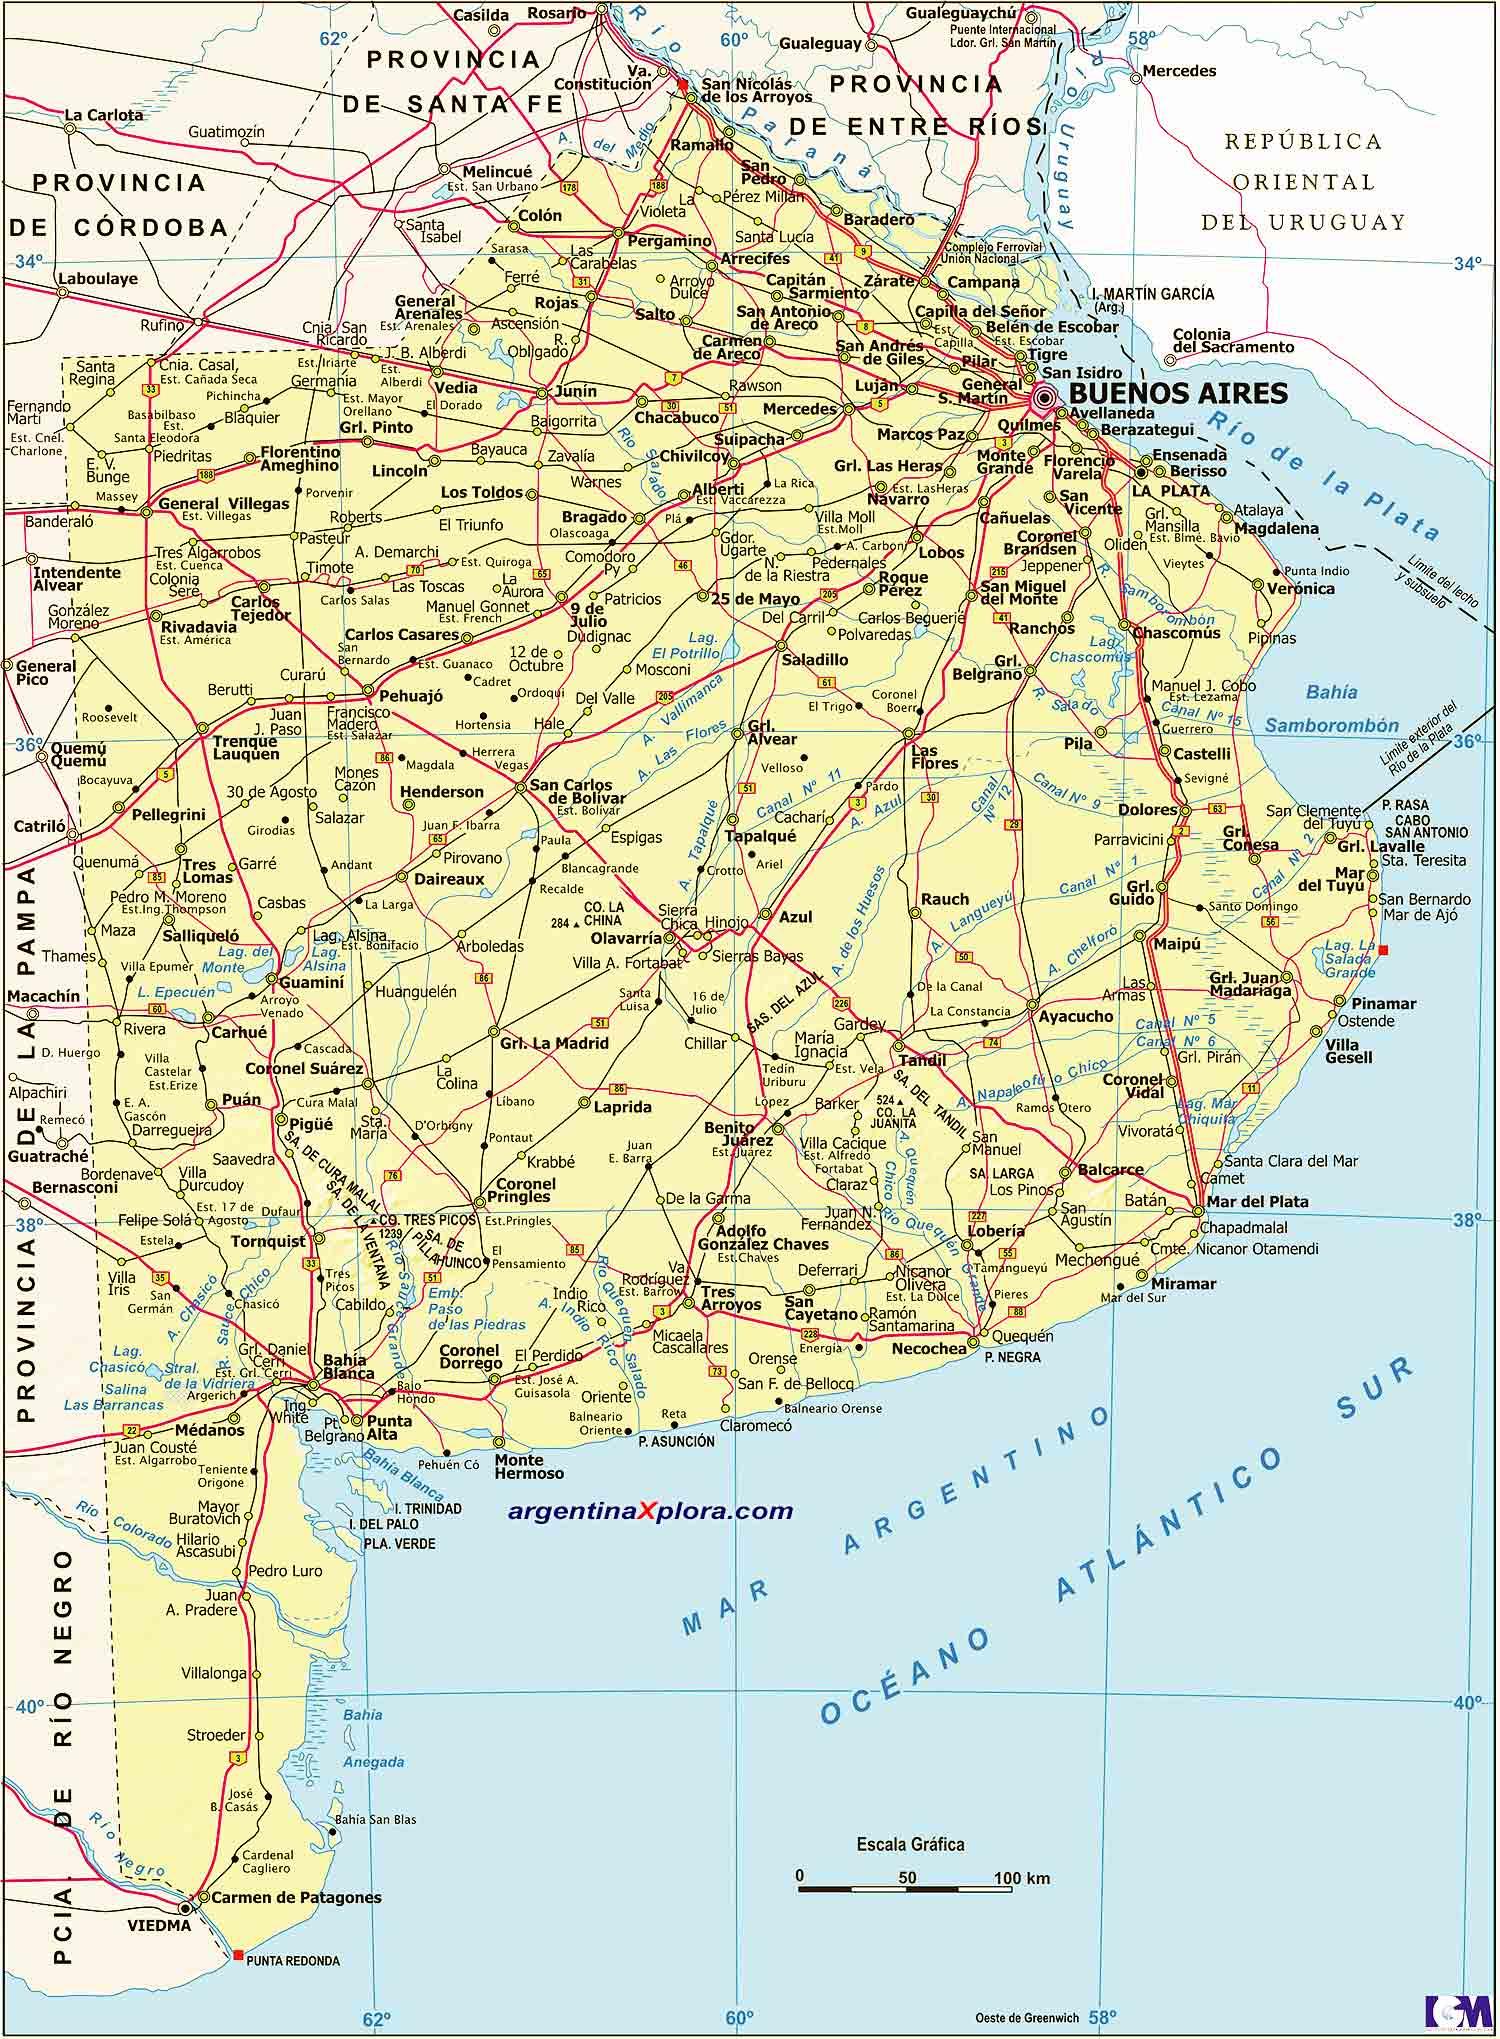 Mapa de la Provincia de Buenos Aires